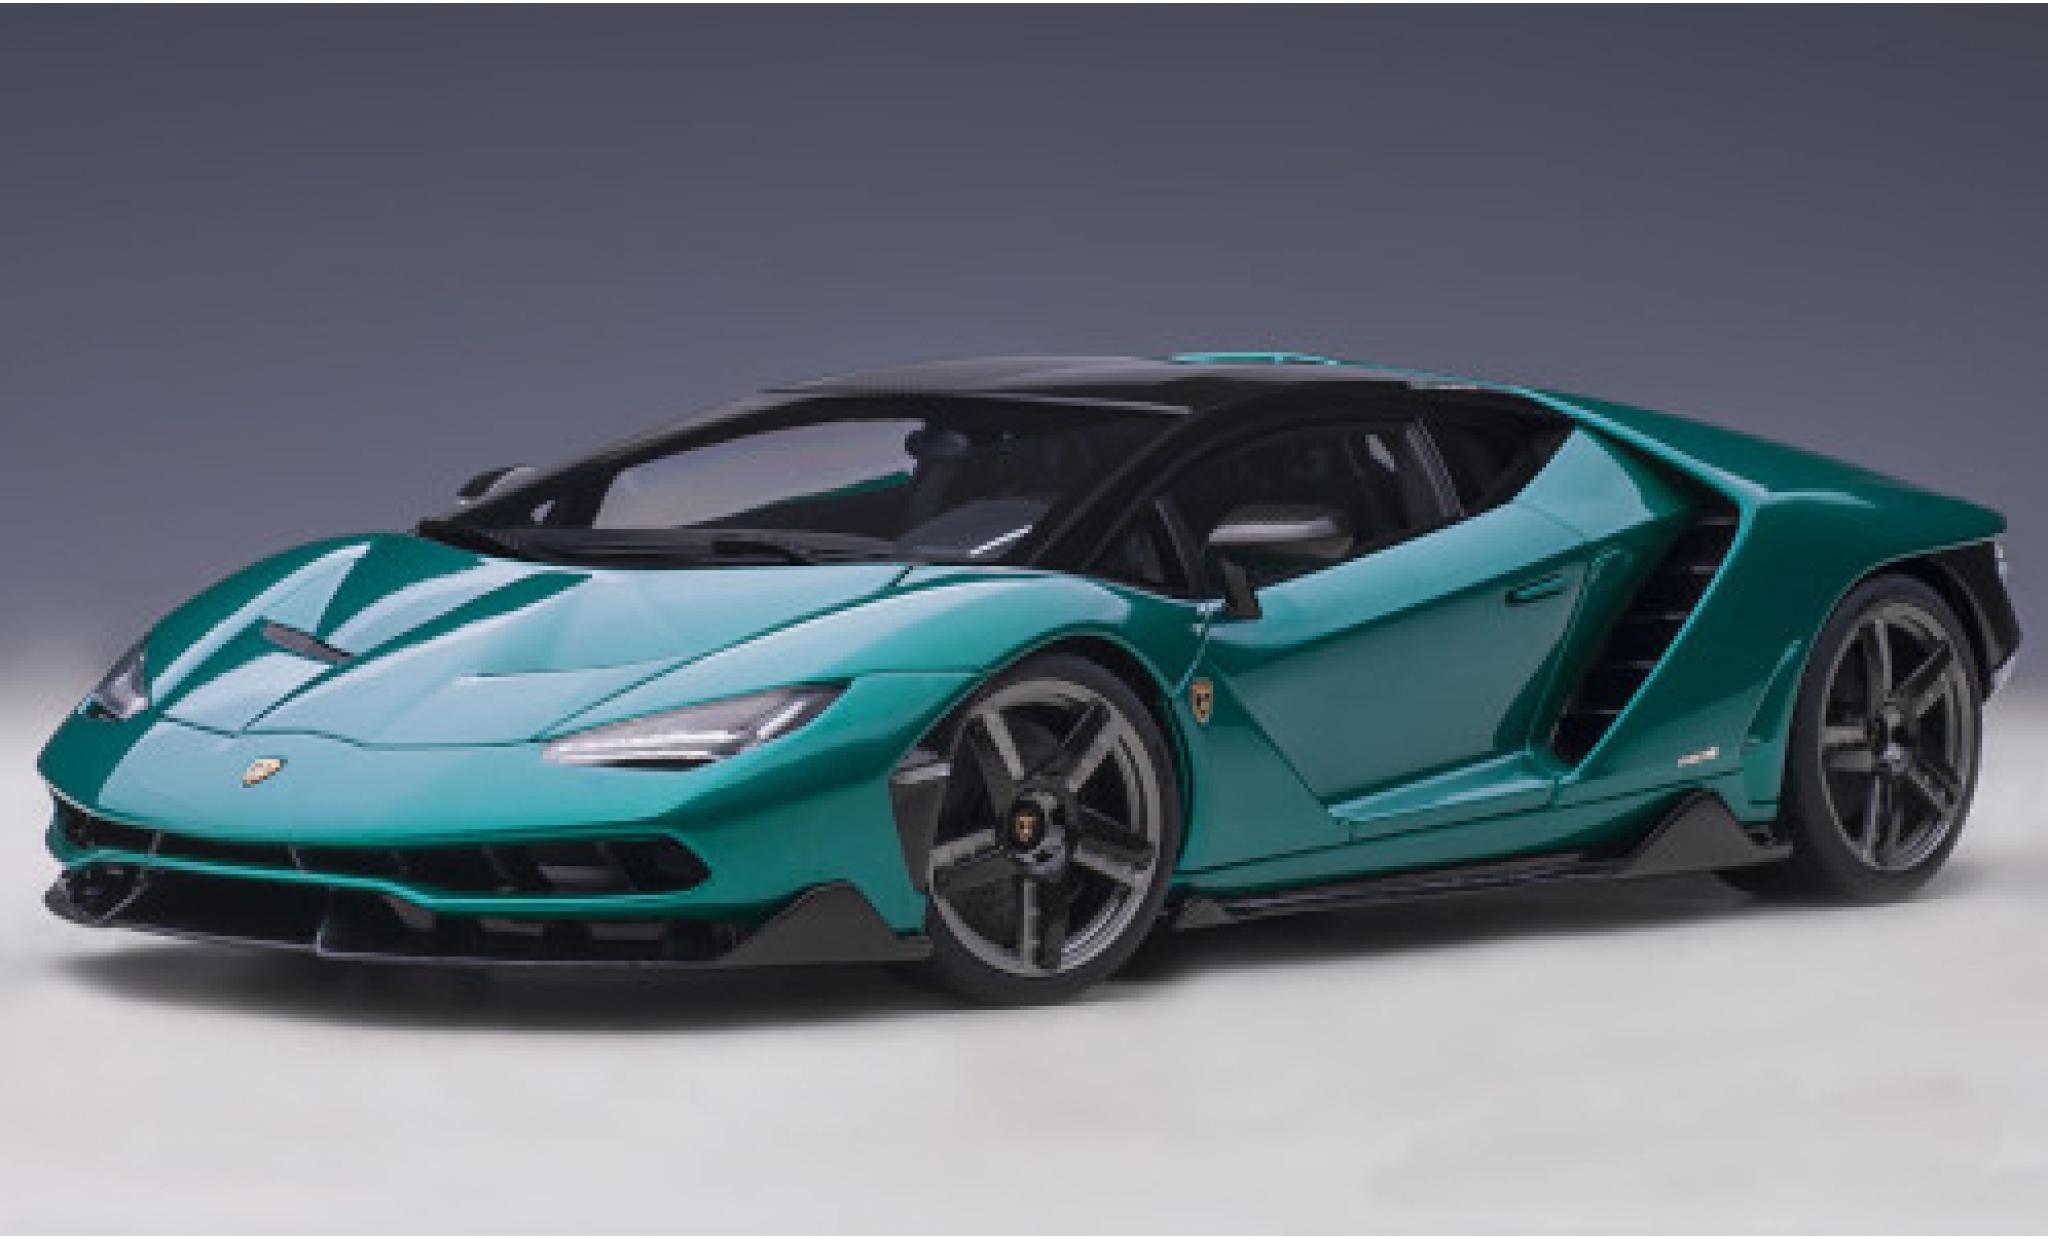 Lamborghini Centenario 1/18 AUTOart metallise verte/carbon 2016